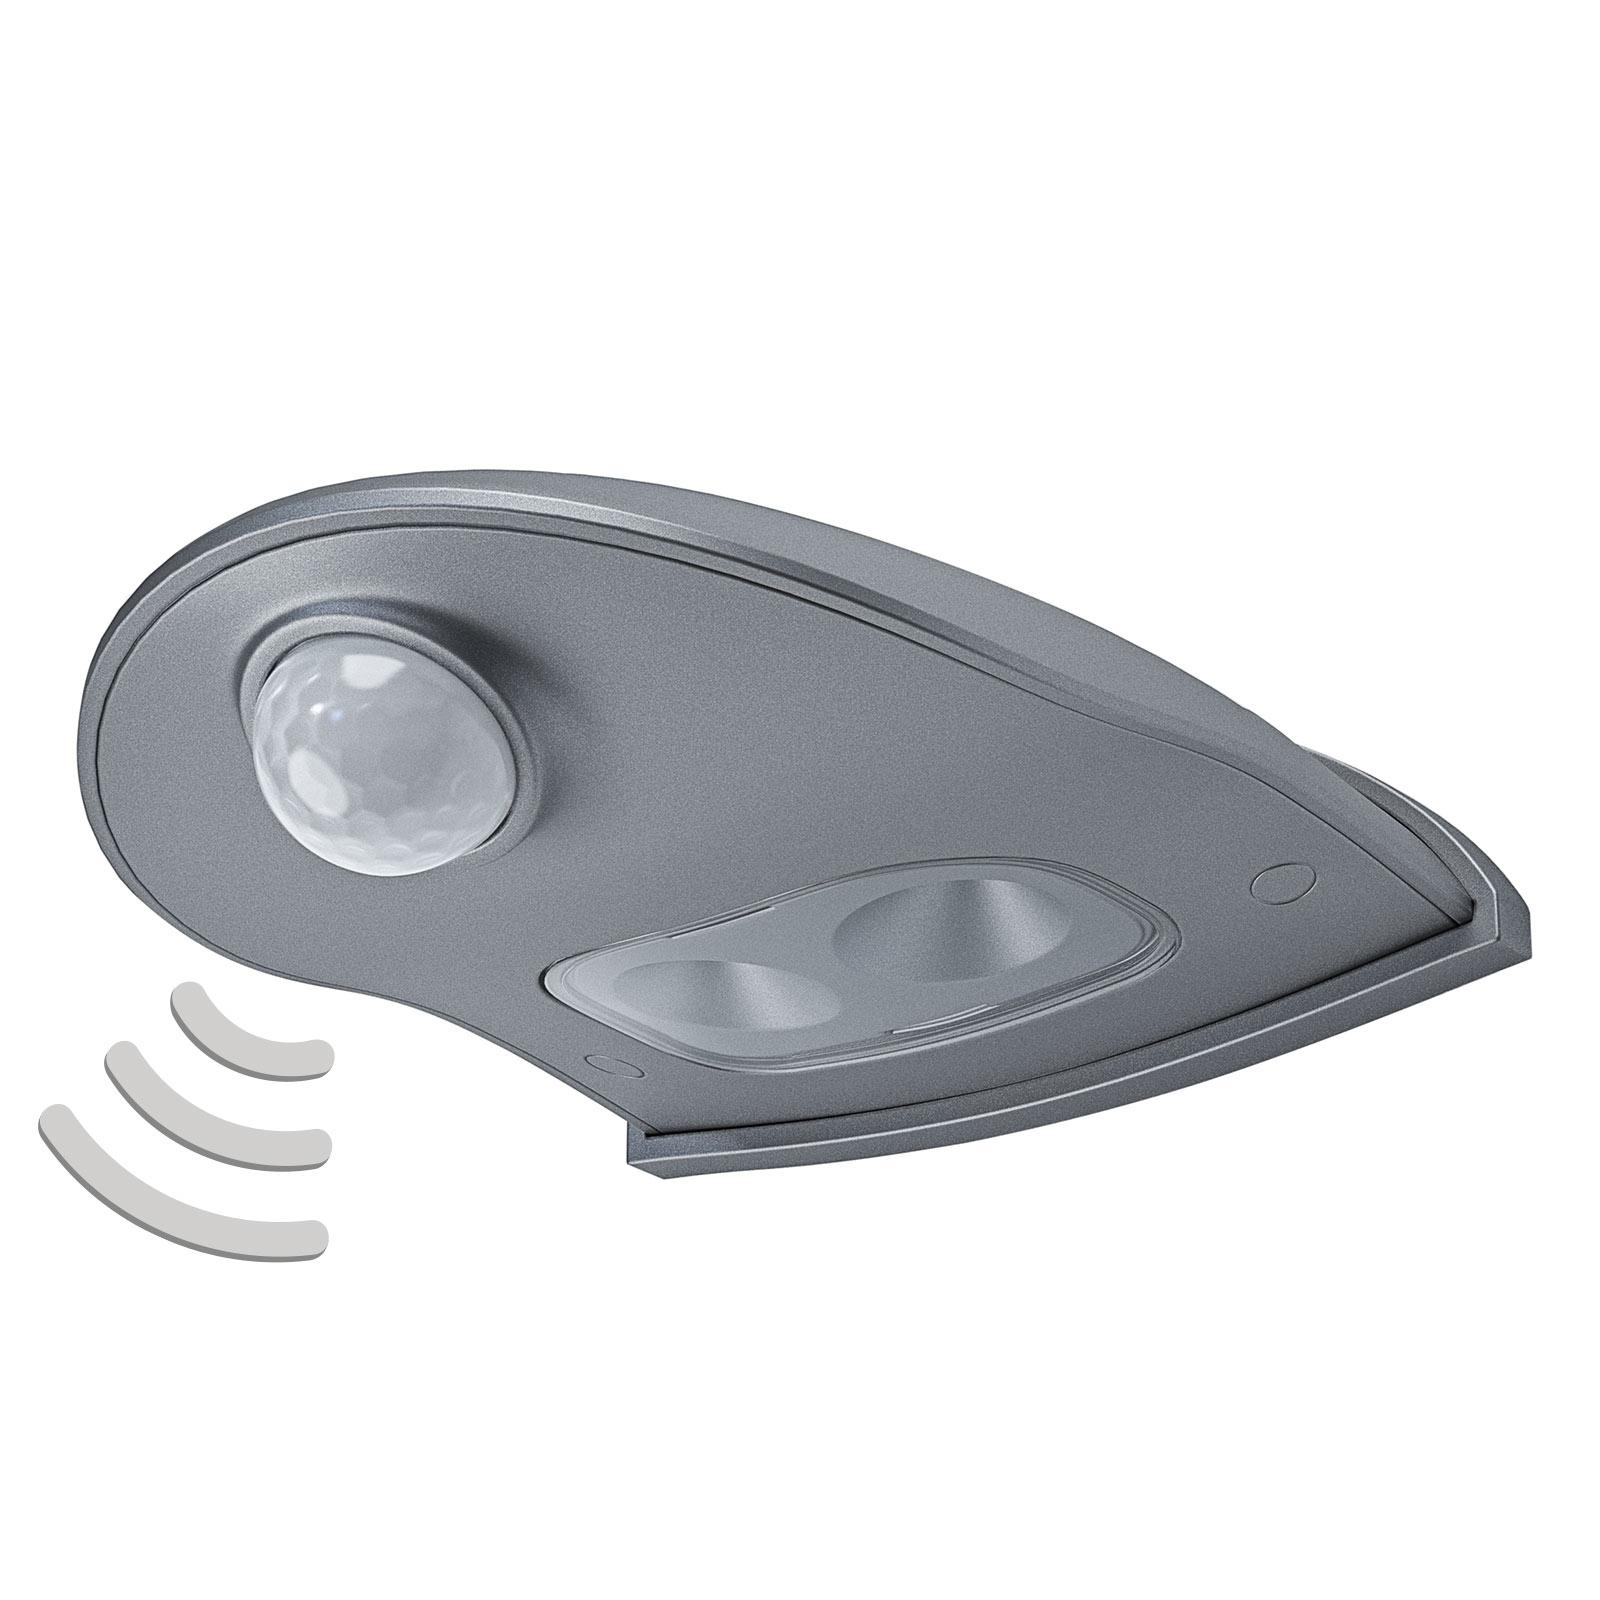 LEDVANCE Door Down utendørs LED-vegglampe, sølv